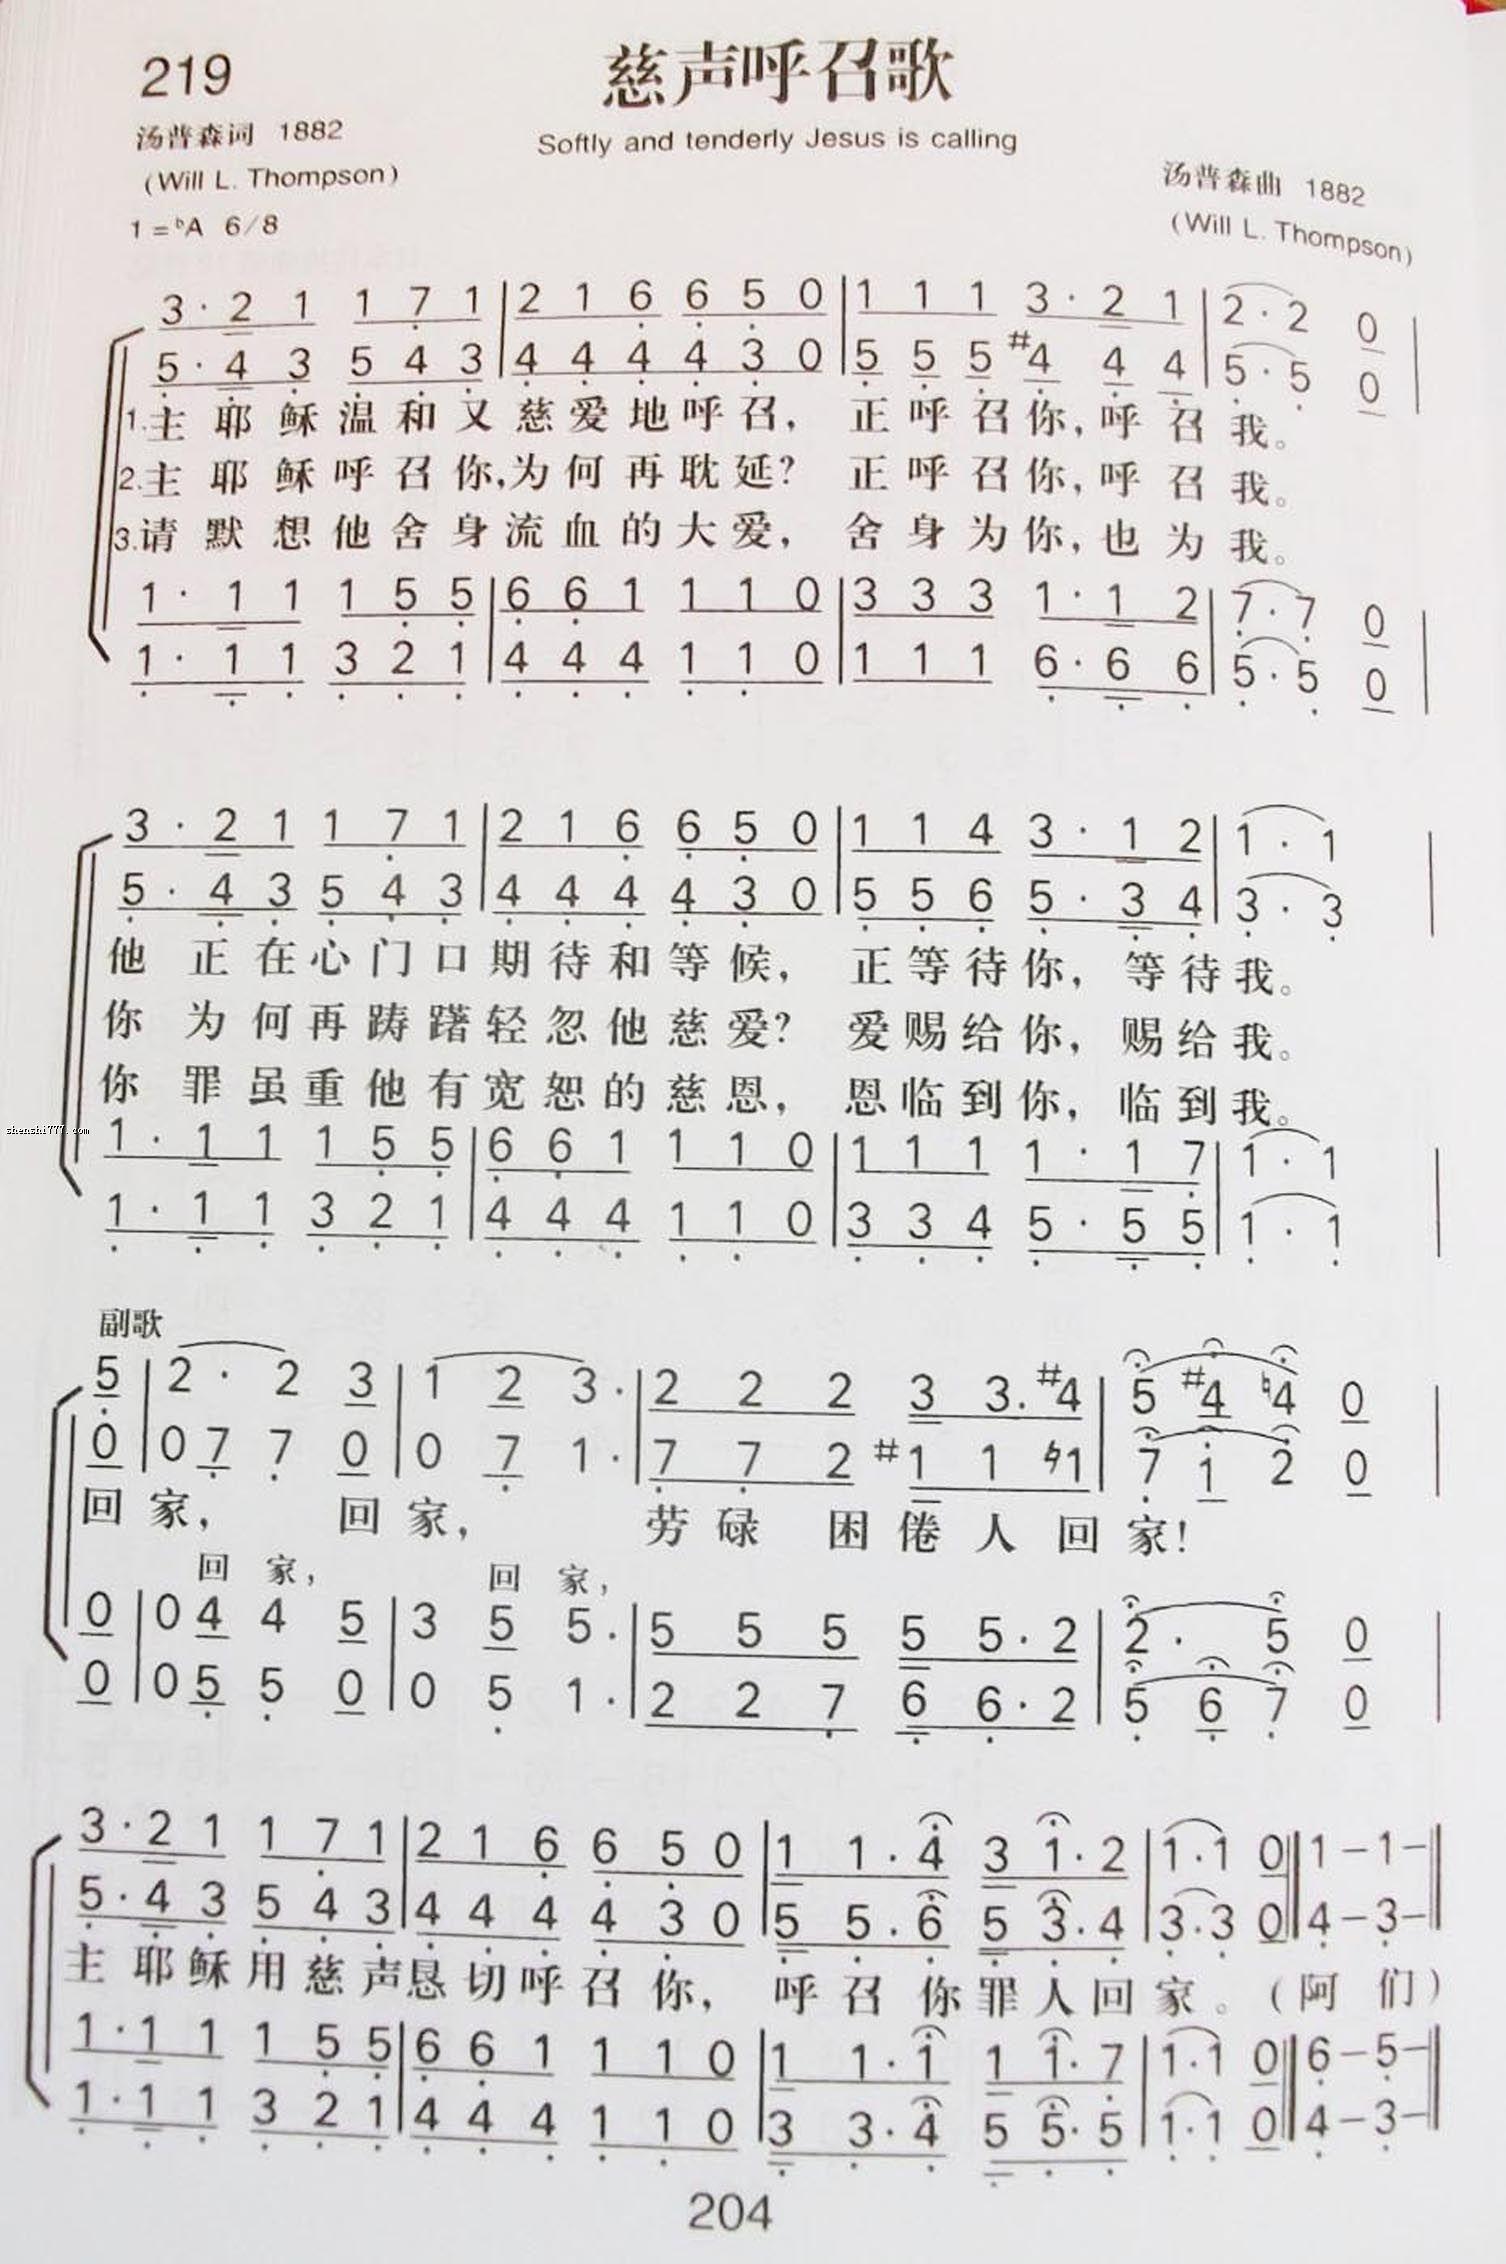 9基督教简谱网歌谱网 诗歌大全五线谱 钢琴谱 圣歌韩国英文网站迦南